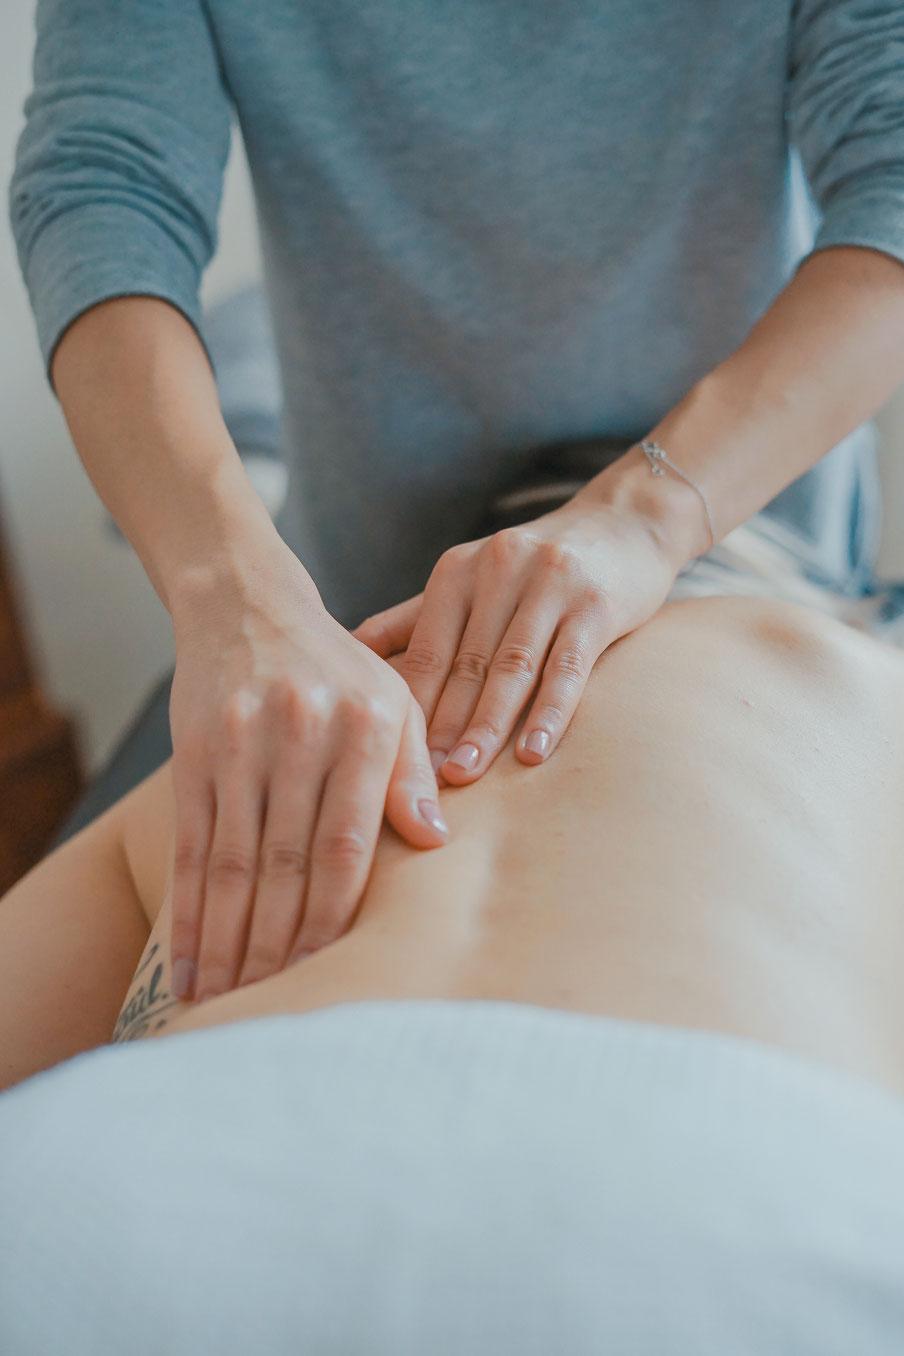 Formation Massage Californien, comment se former au massage Californien, les meilleures formations massages, Excellence Wellness & Spa Formation massages Bien-être Biarritz Anglet Bayonne, Sud Ouest, Aquitaine. Ateliers Massages du monde,